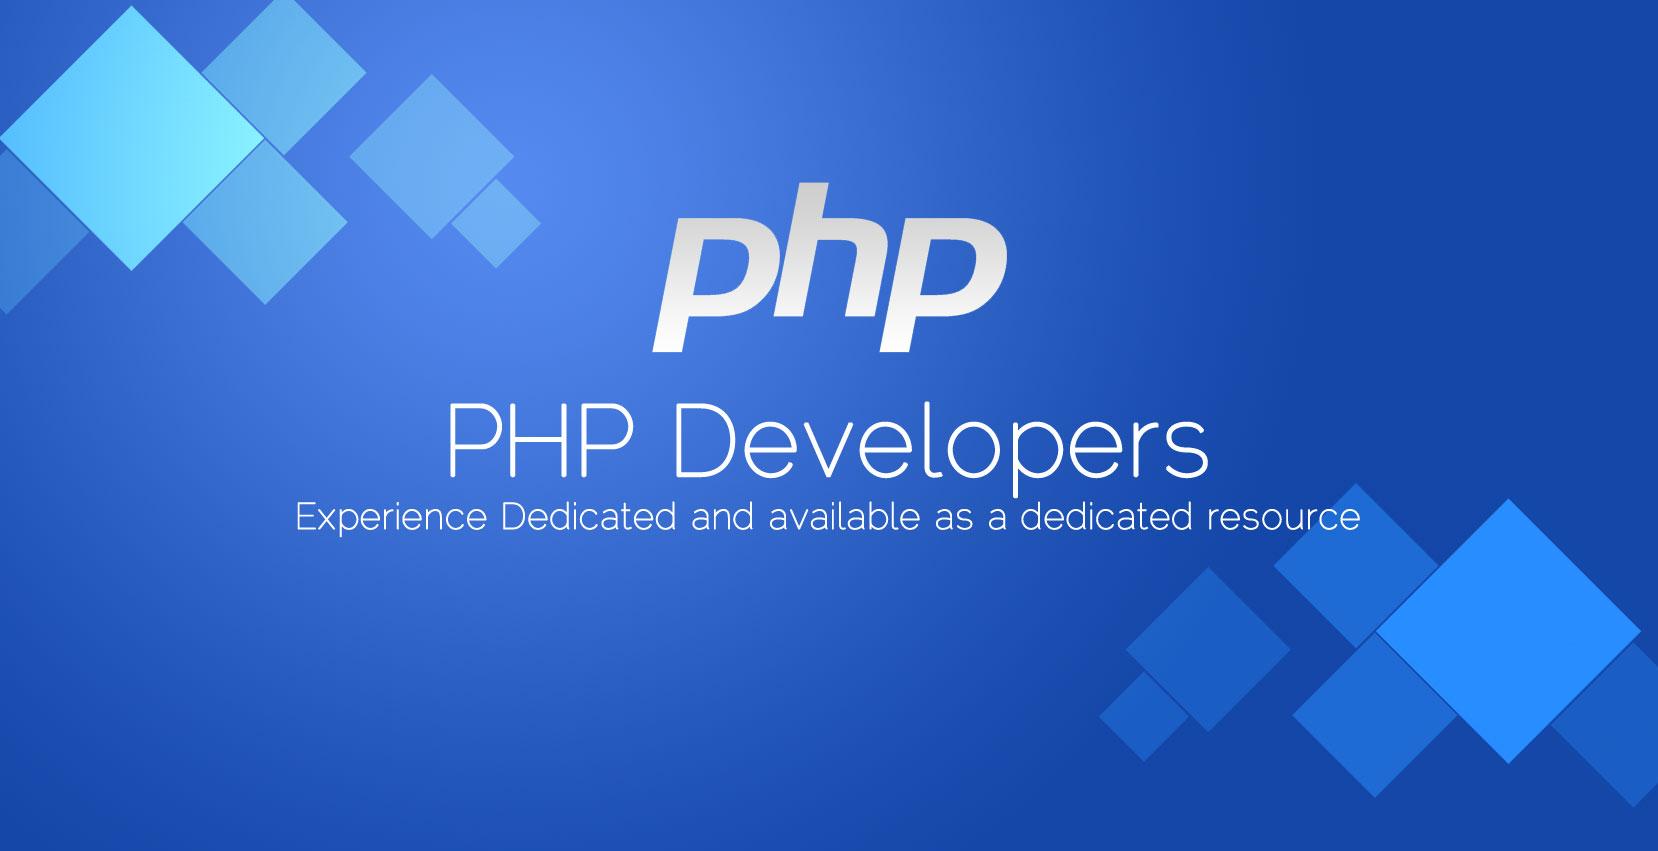 TUYỂN KĨ SƯ PHP